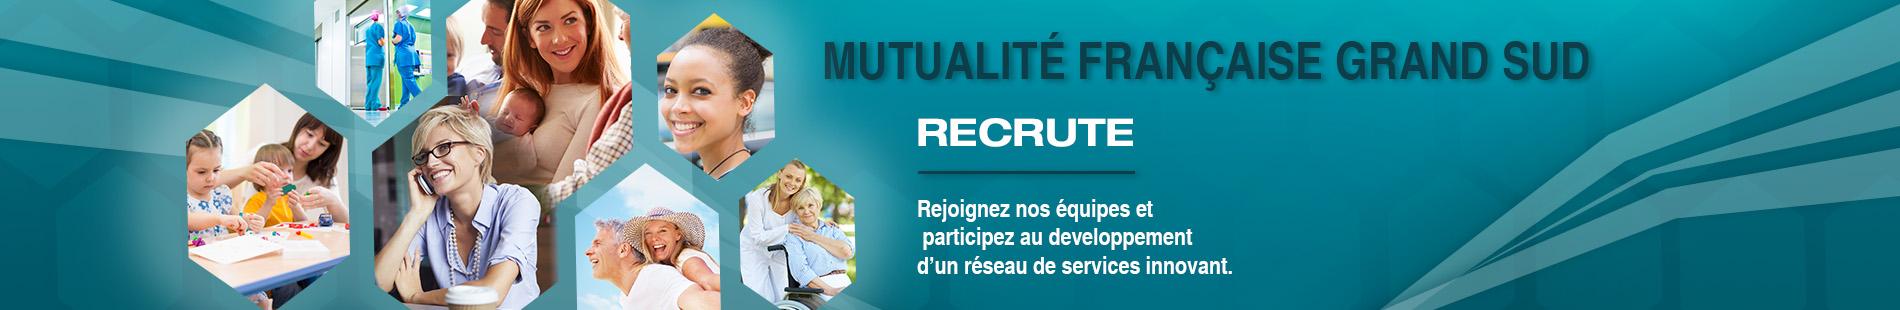 Recrutement MFGS